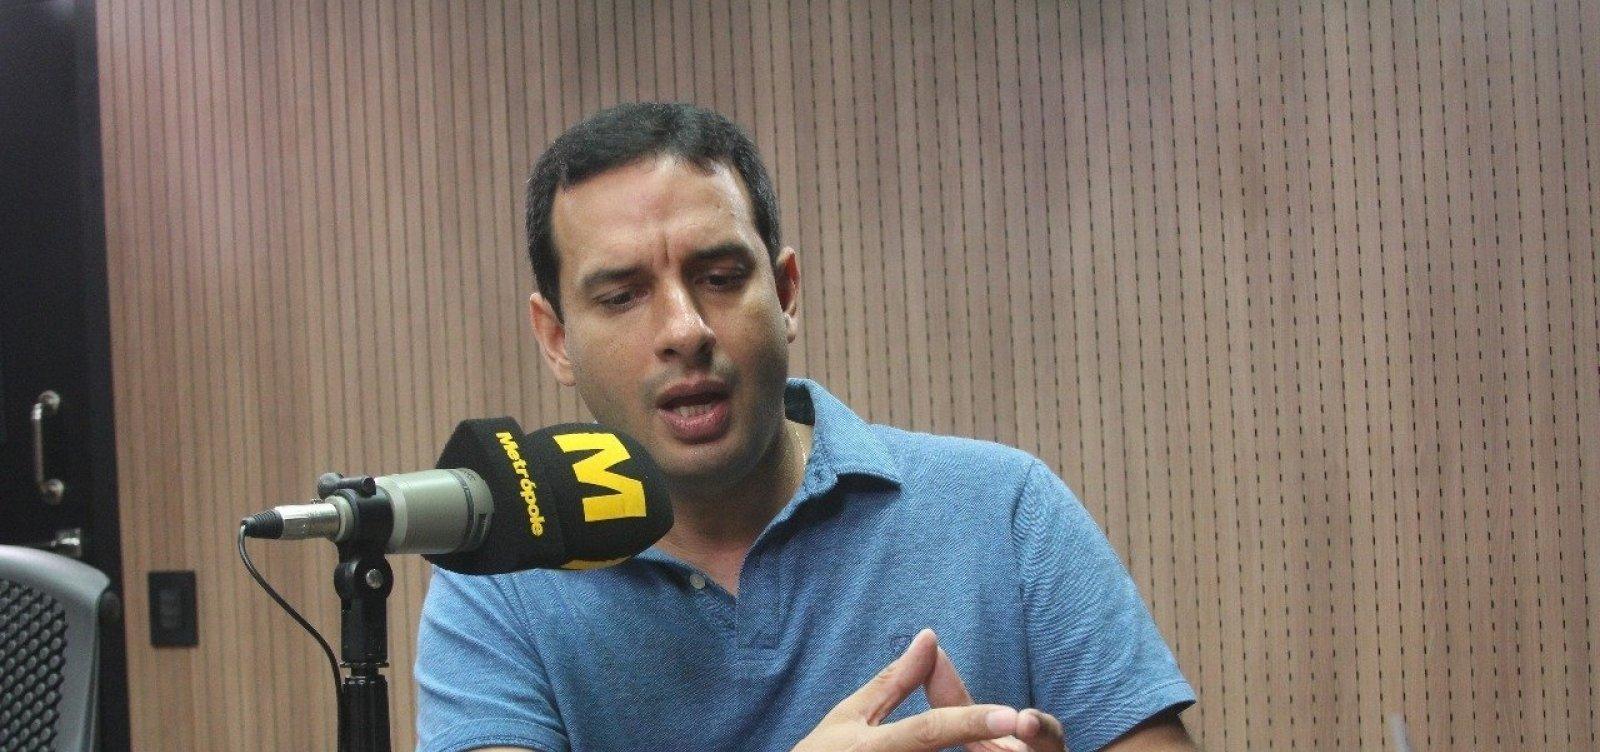 [Prates diz que Câmara vai devolver cerca de R$ 3 milhões à Prefeitura de Salvador]